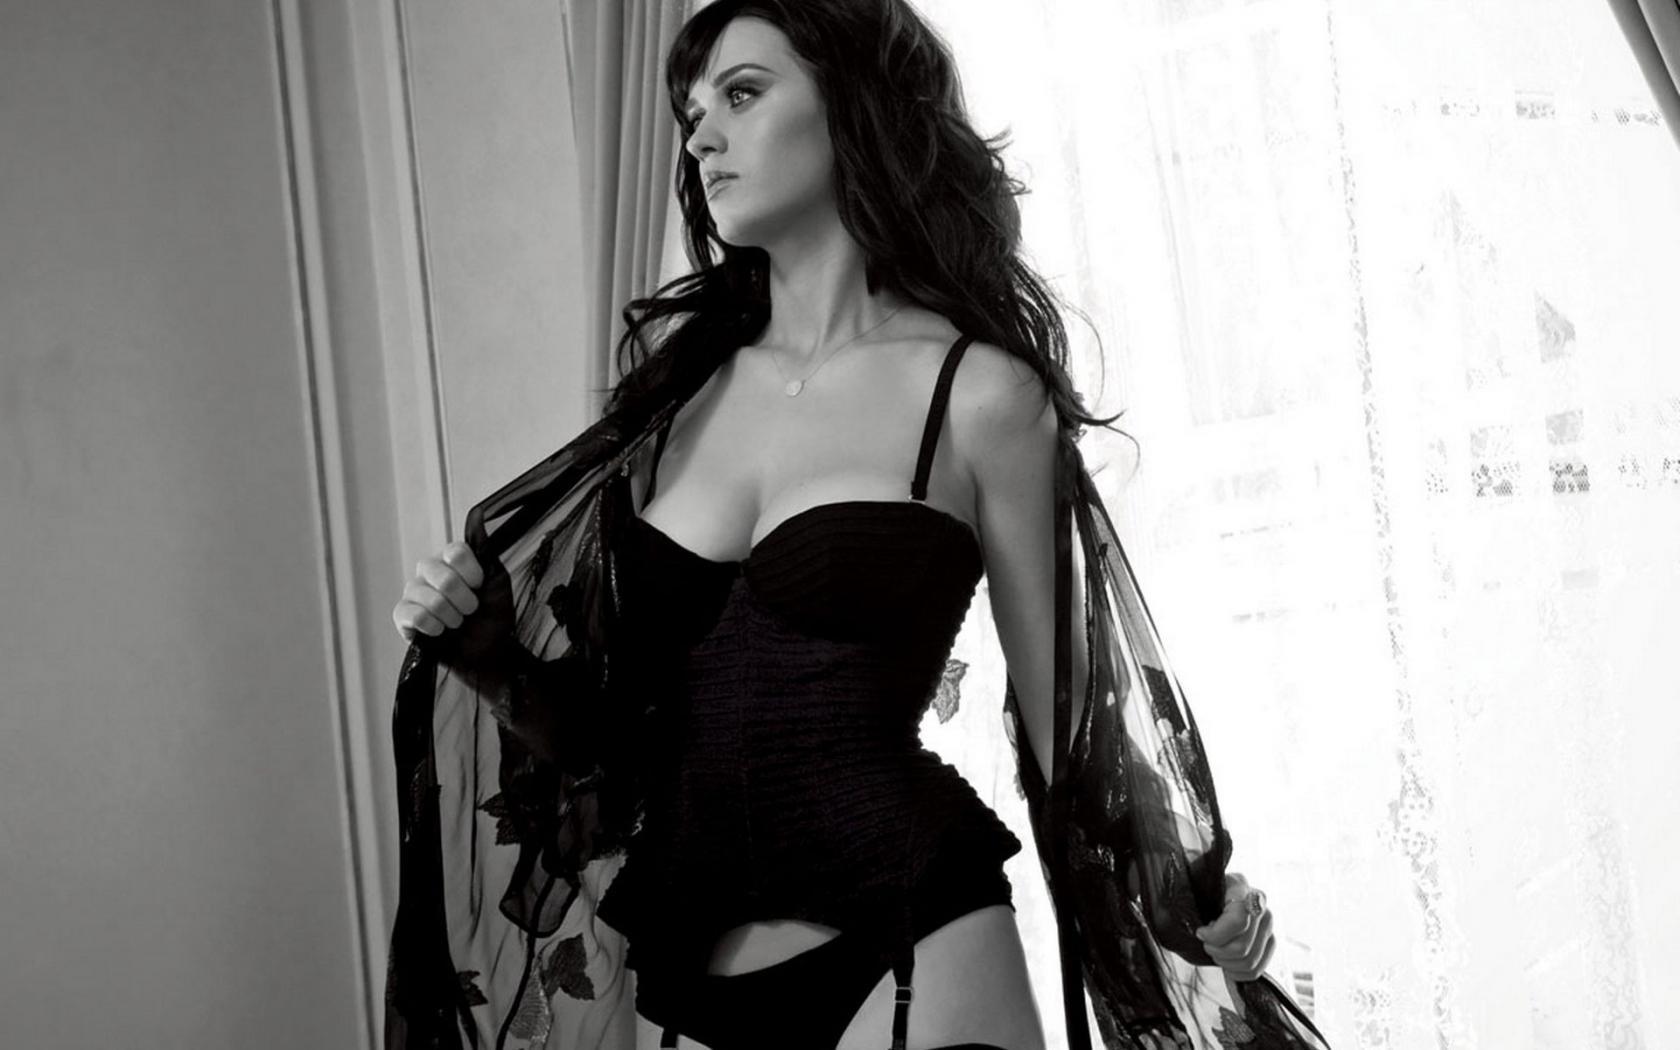 Чернобелое фото девушки в цветном белье 22 фотография